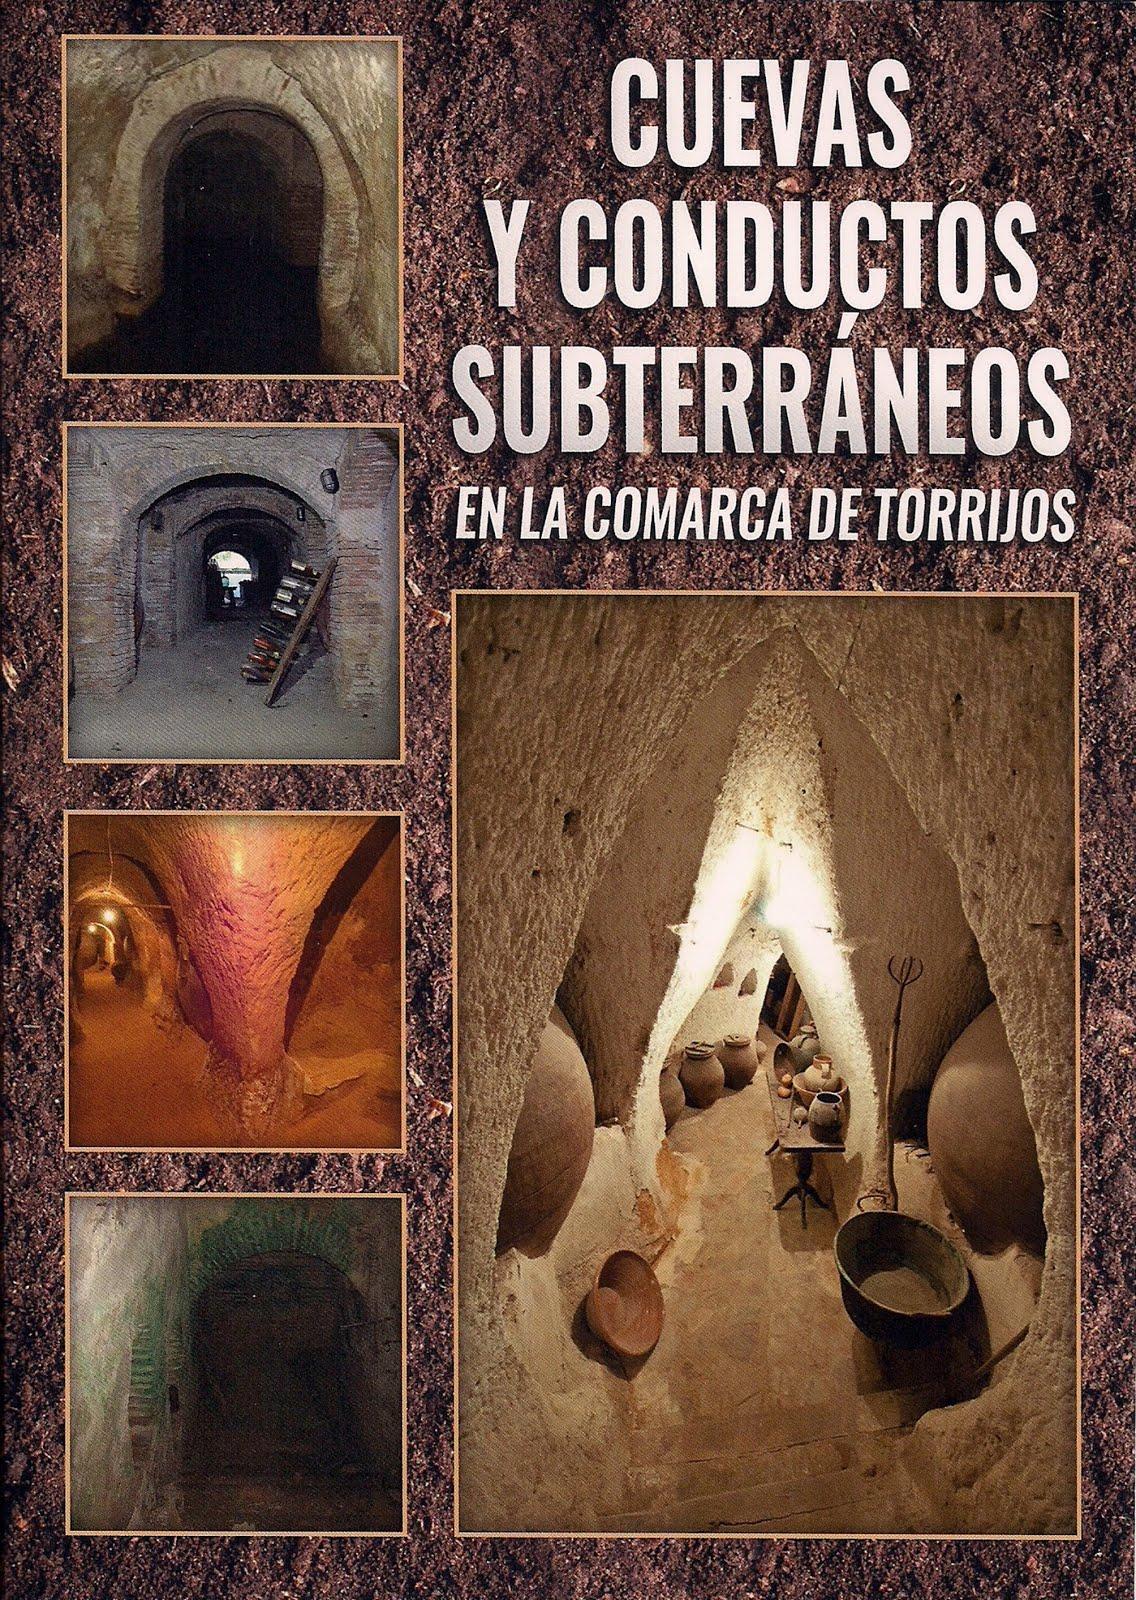 Publicaciones: Cuevas y conductos subterráneos en la comarca de Torrijos